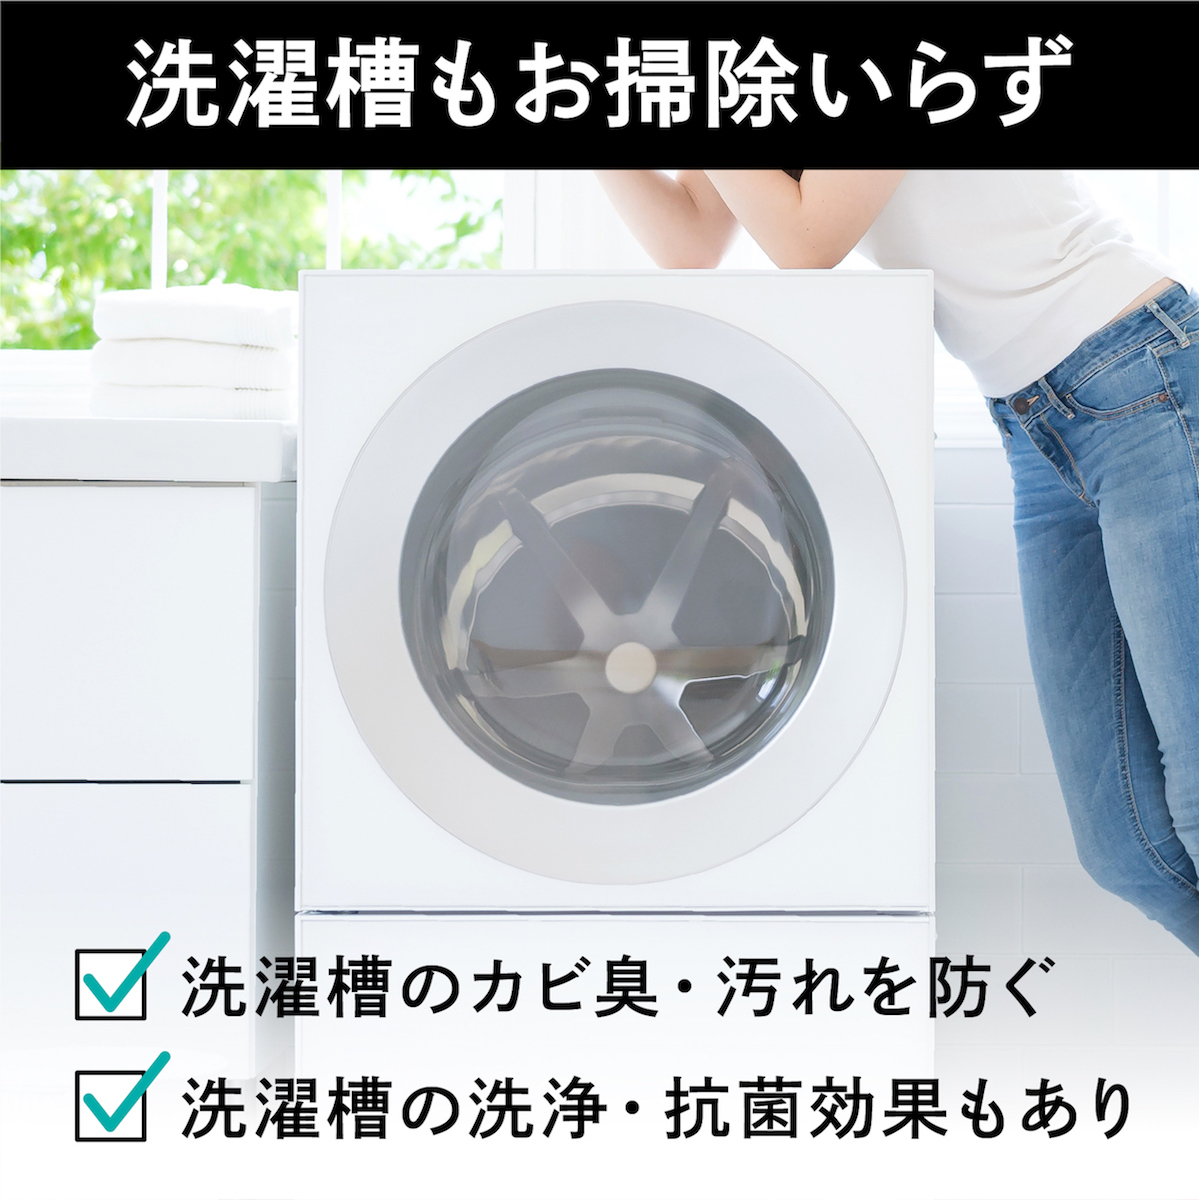 【新発売】加齢臭・くさいニオイをごっそり落とす洗剤Rinenna#2 WhiteMusk 1.0kg×3個